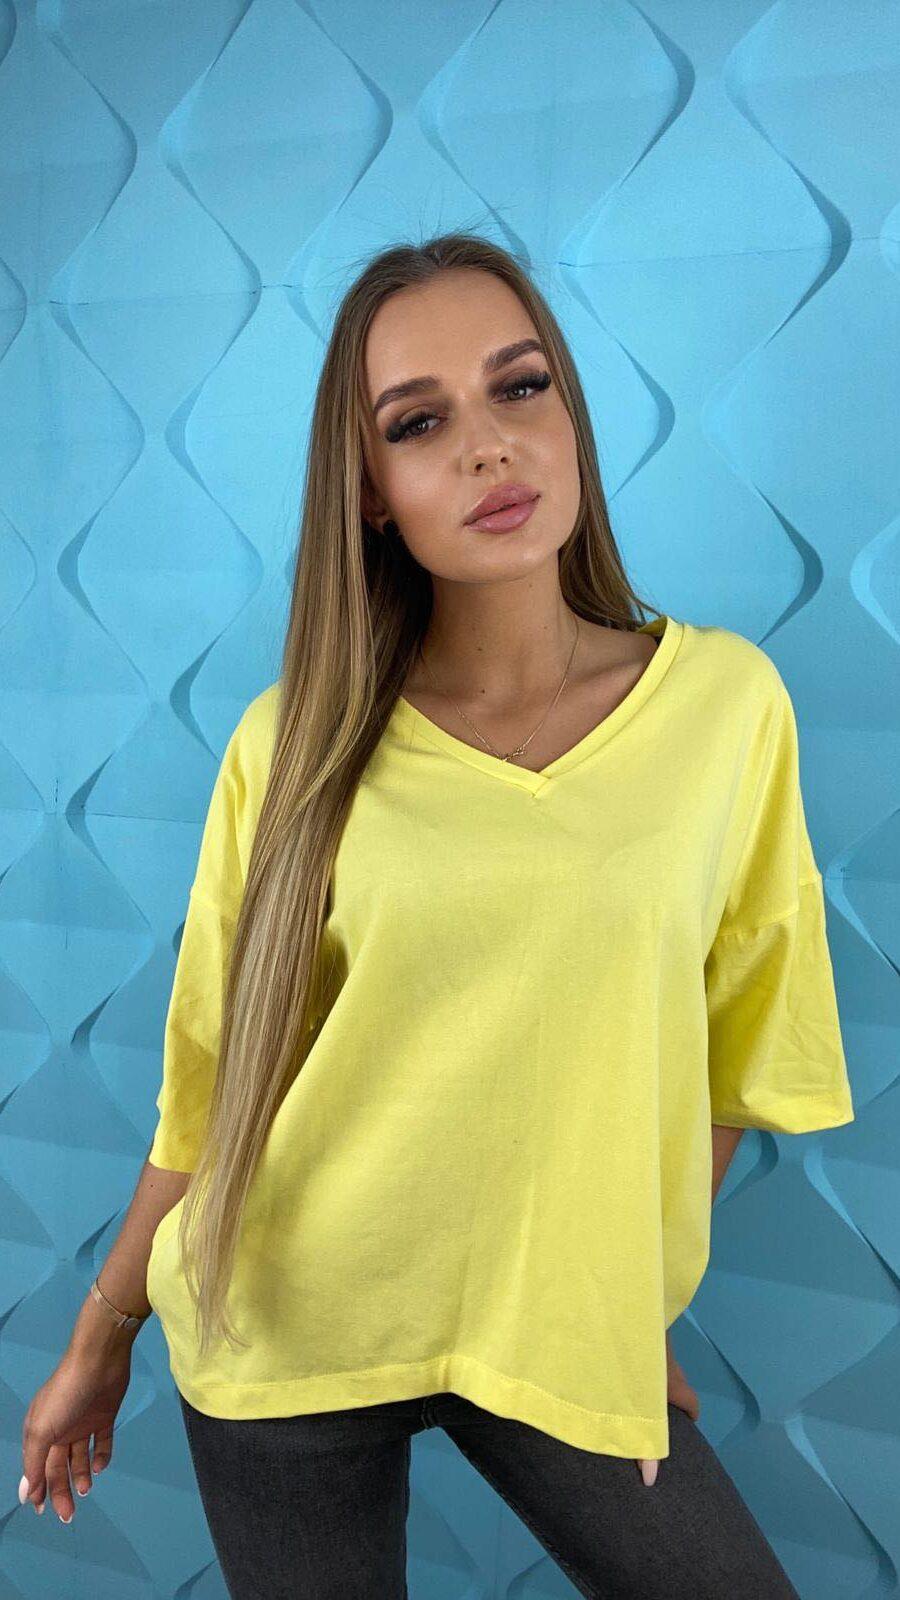 koszulki tshirty damskie duze rozmiary zolta